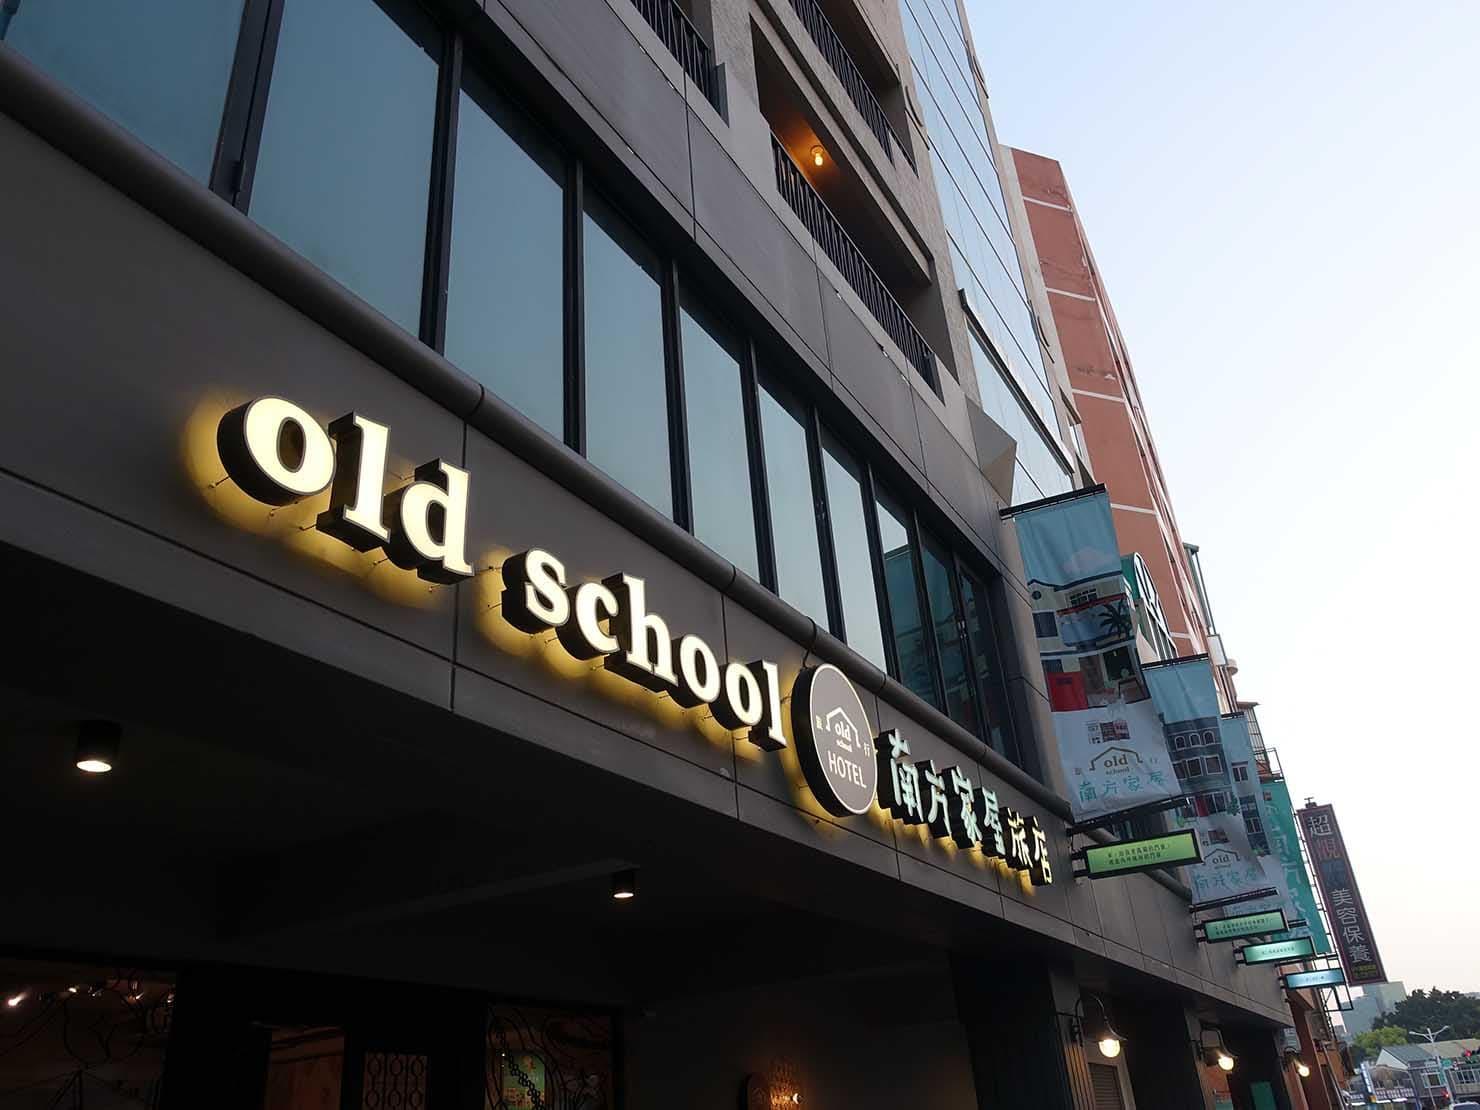 台南駅徒歩10分のかわいいデザインホテル「南方家屋 Old School」の外観